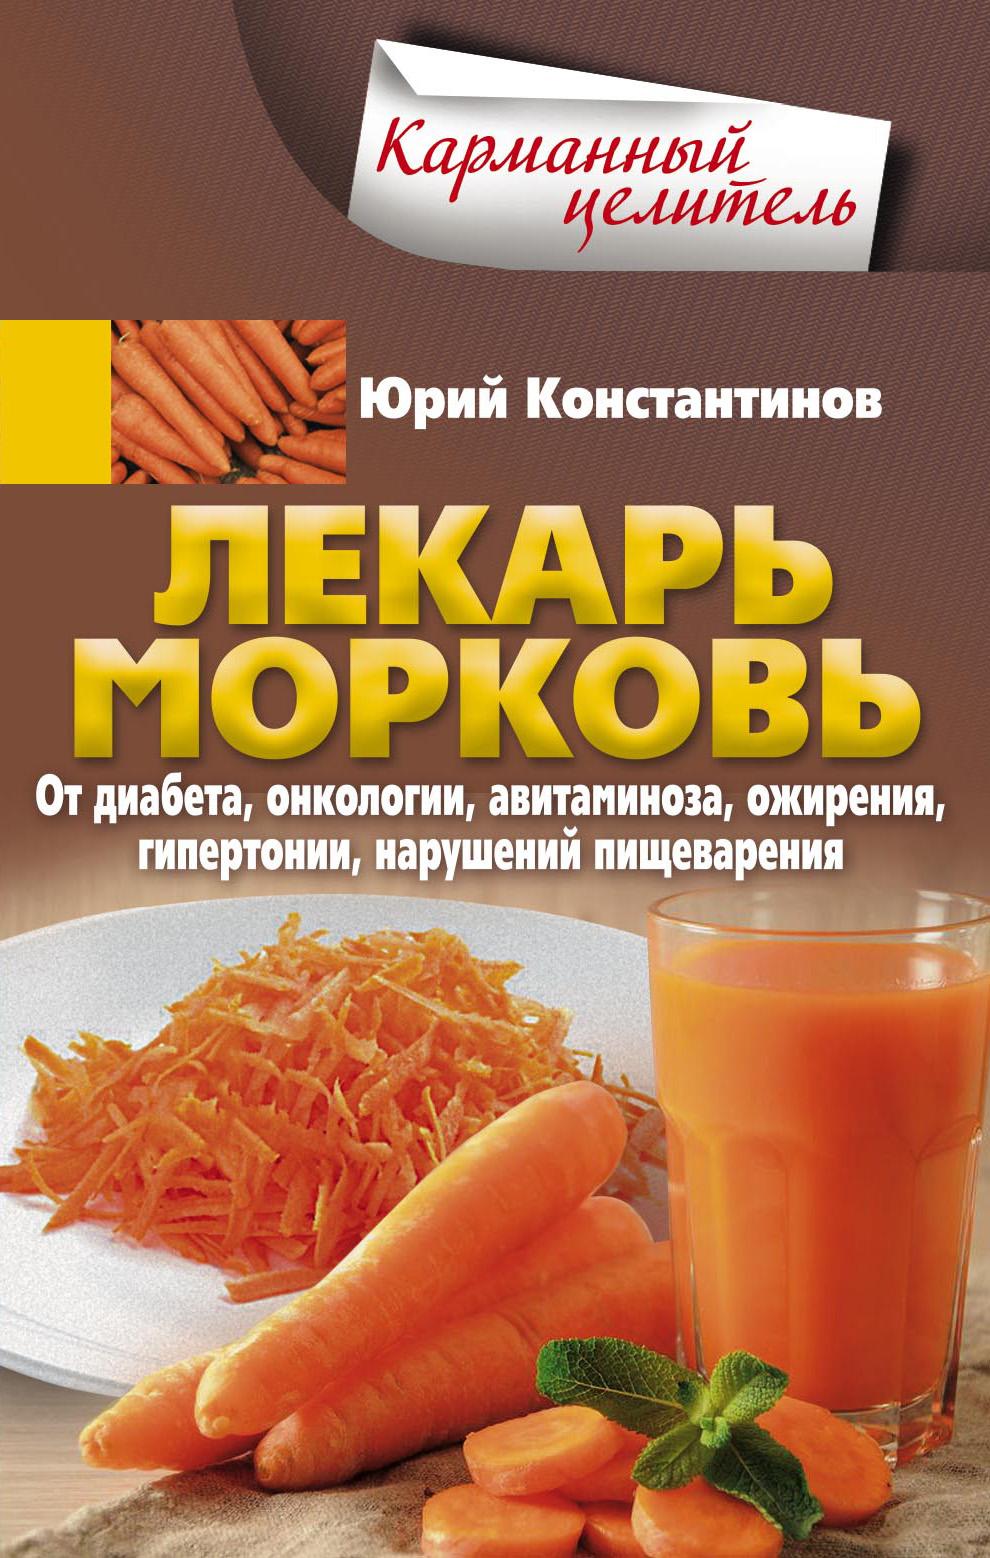 Юрий Константинов Лекарь морковь. От диабета, онкологии, авитаминоза, ожирения, гипертонии, нарушений пищеварения константинов ю лекарь морковь от диабета онкологии авитаминоза ожирения гипертонии нарушений пищеварения